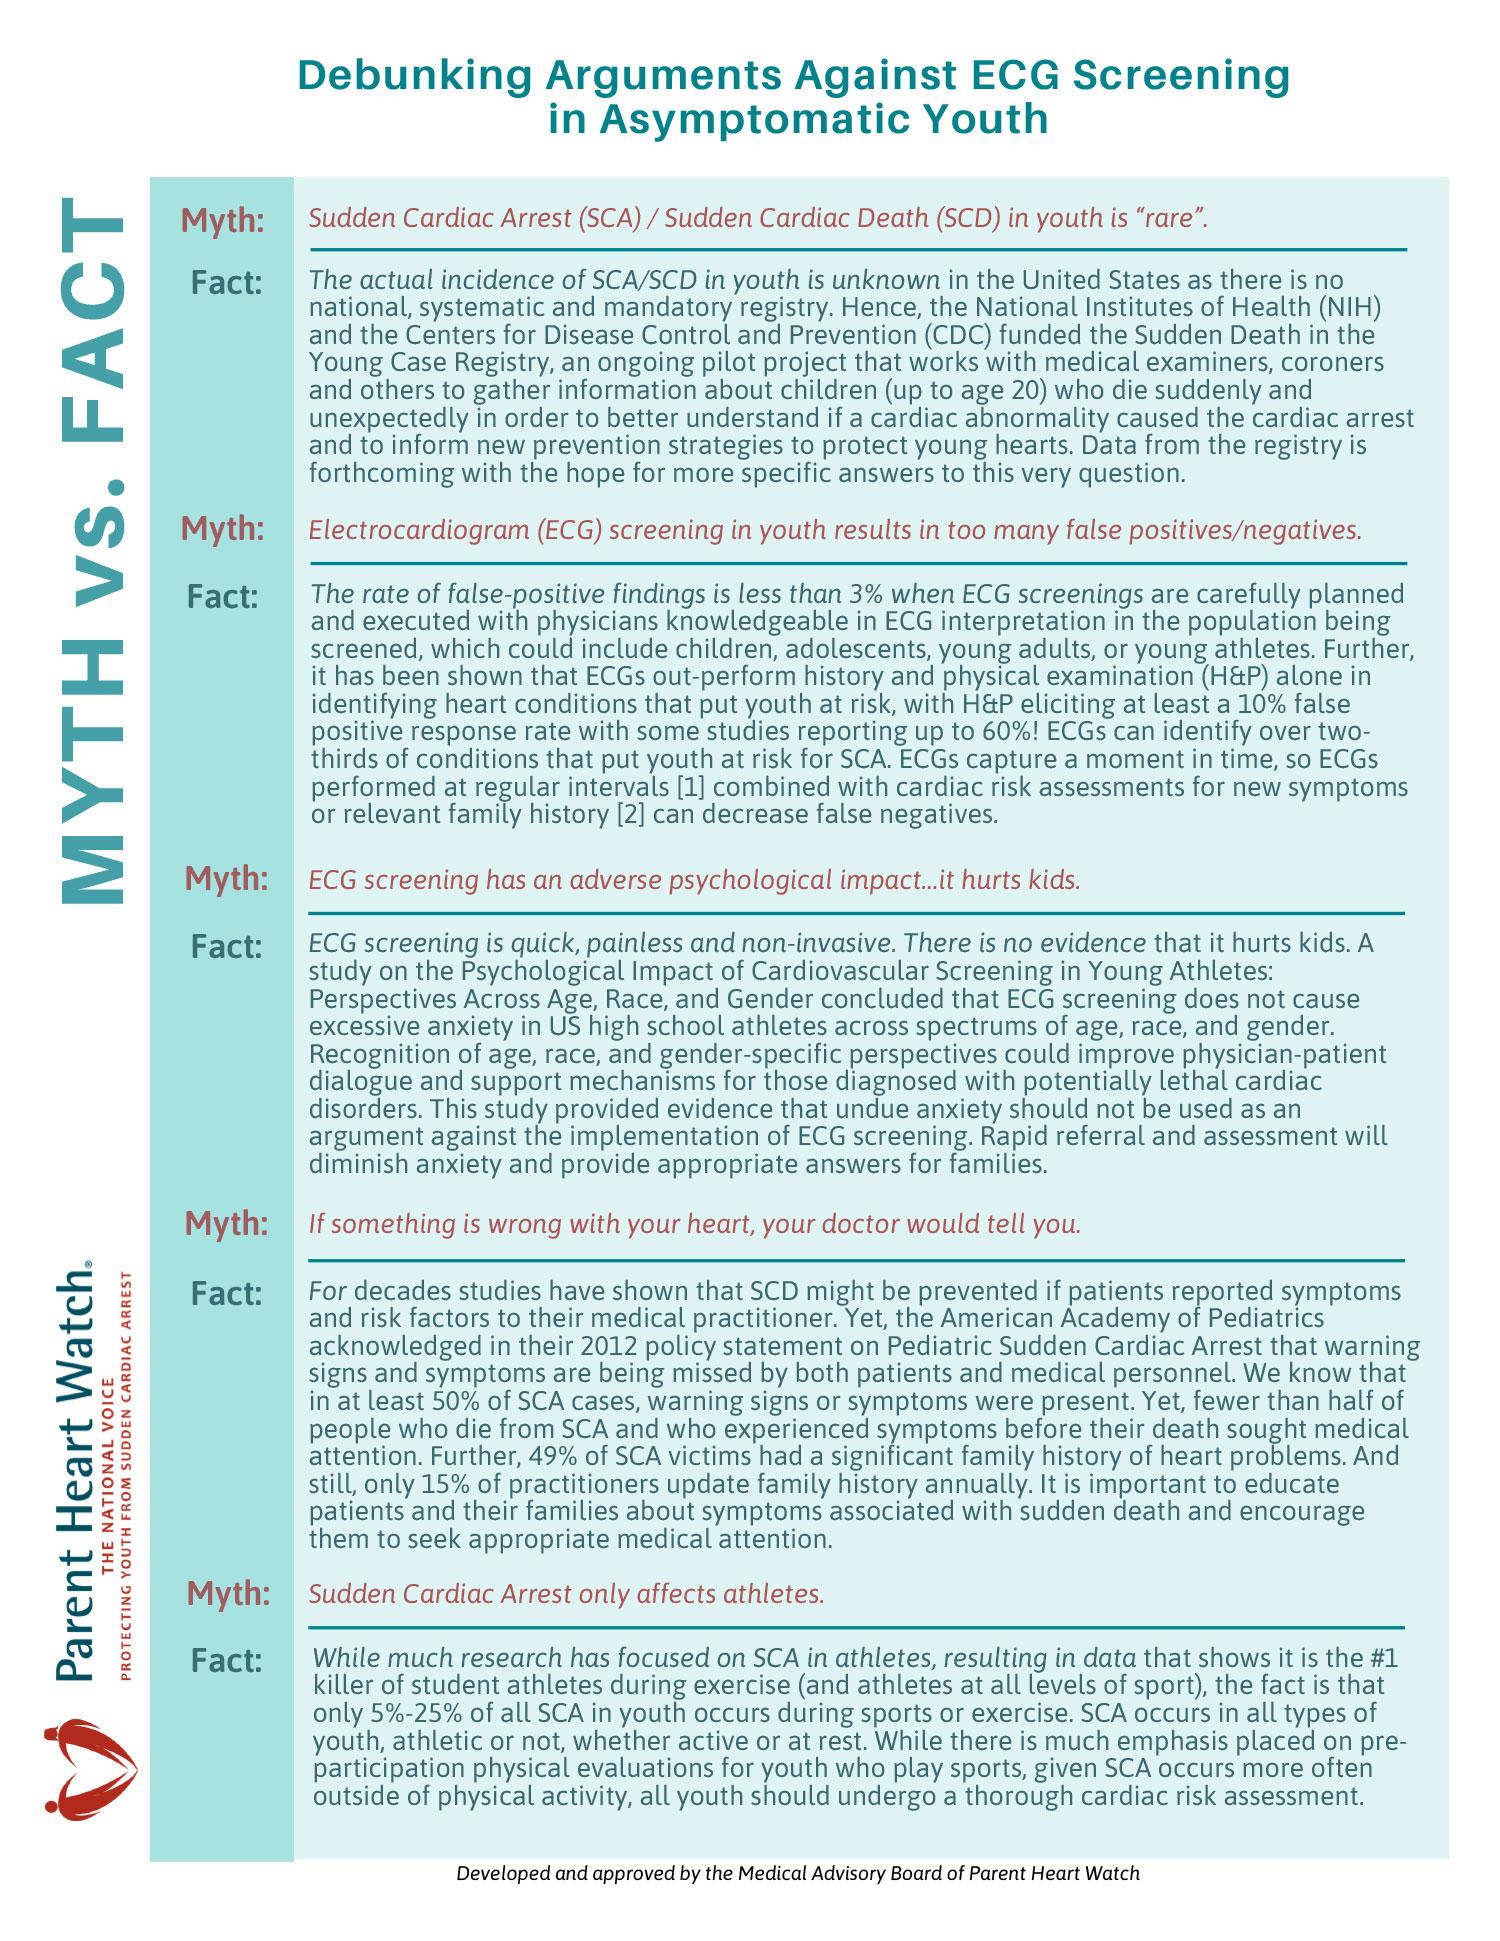 image MythsVsFacts 1500x1941 - myth vs. fact